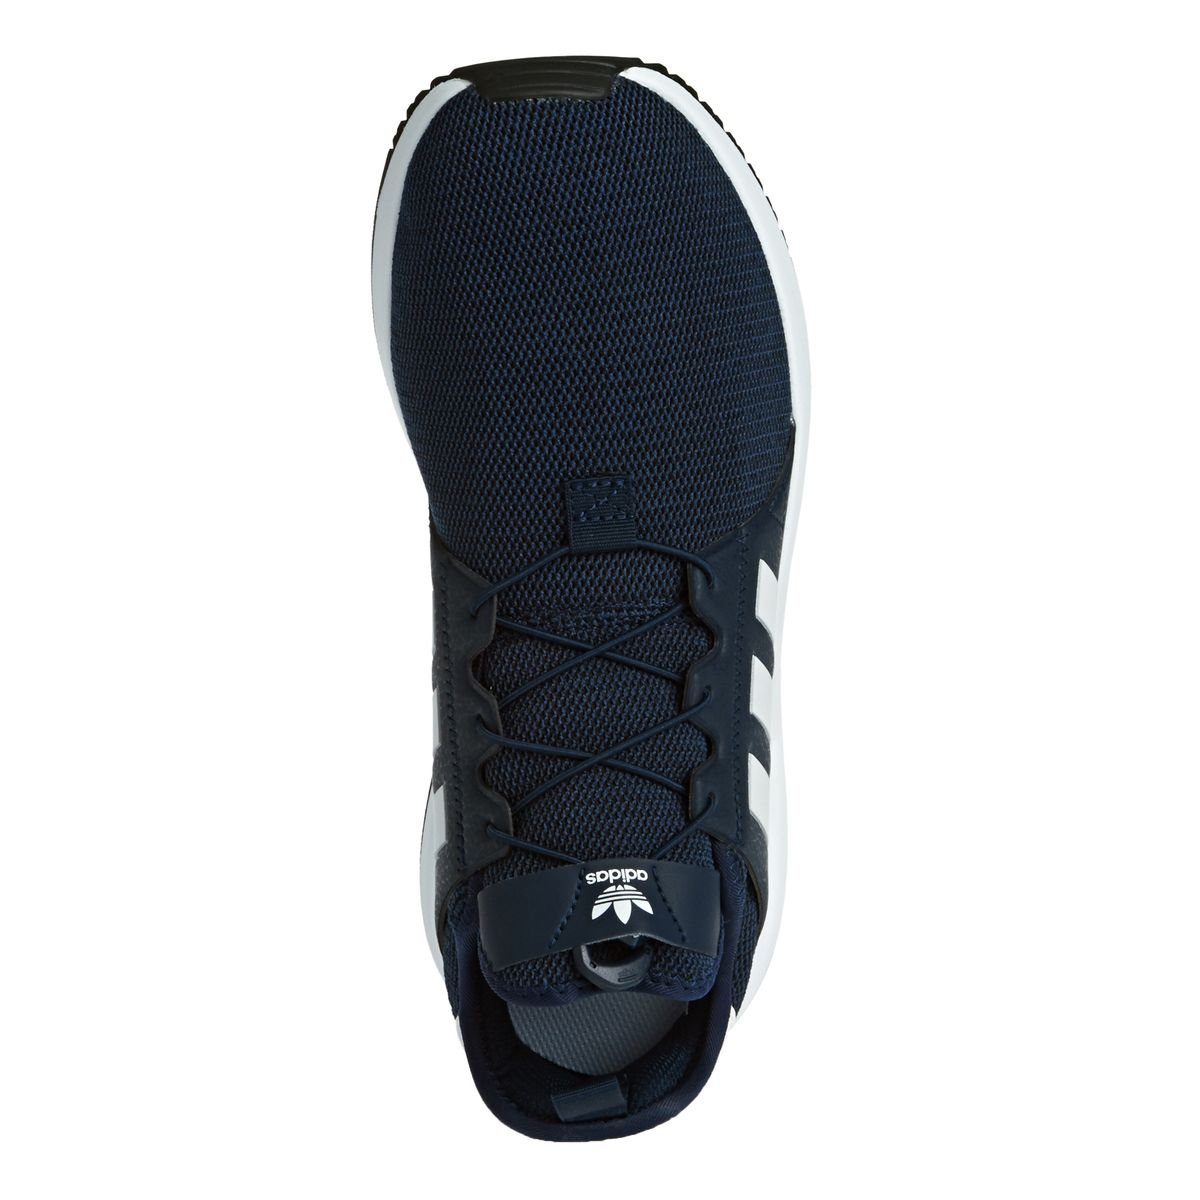 adidas Originals Herren Sneaker X_PLR Sneaker Herren Schuhe blau weiß BB1109 blau 274717